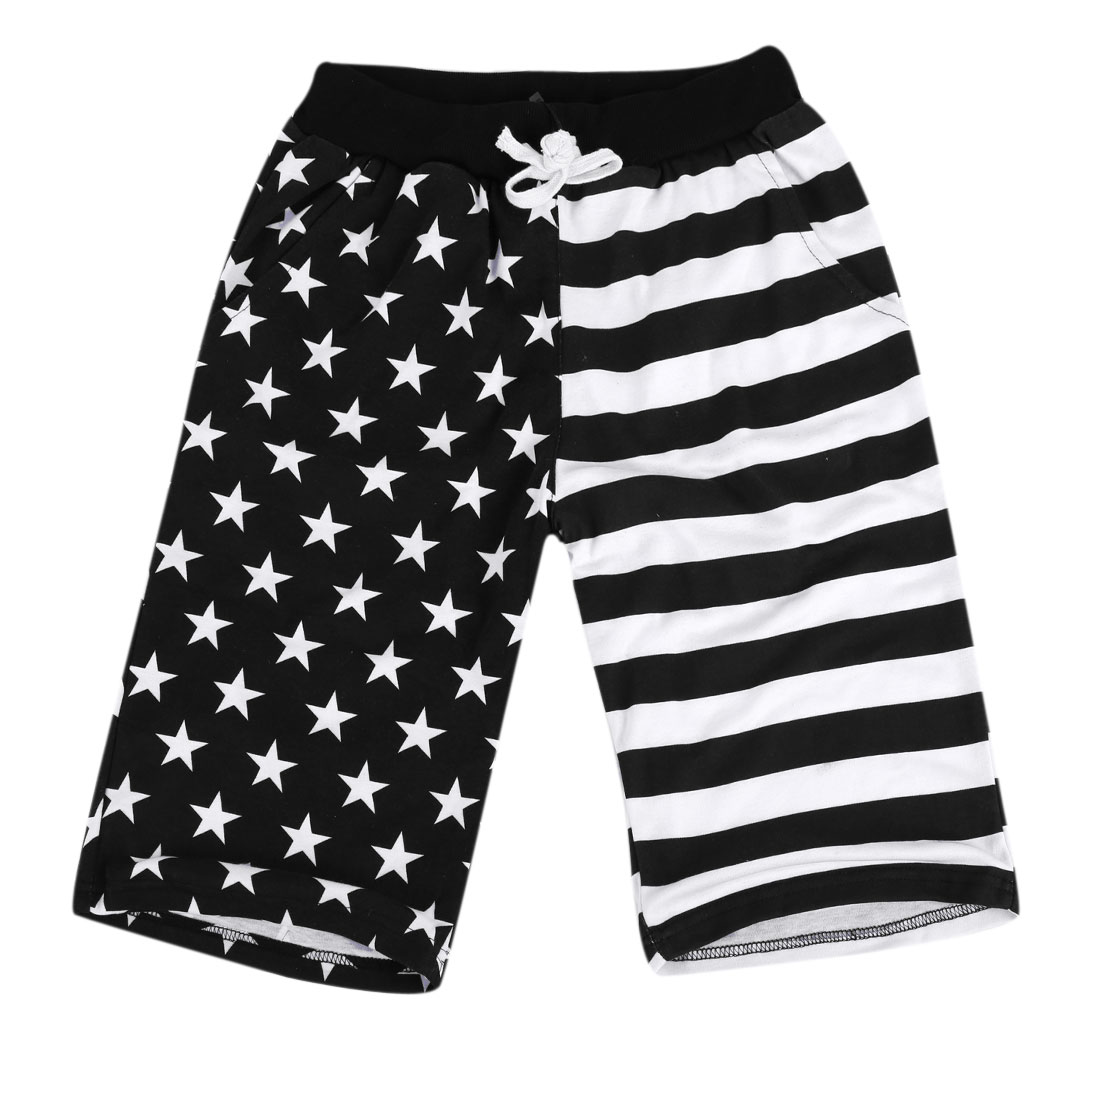 Men Natural Waist Stretchy Stripes Star Prints Black White Shorts S